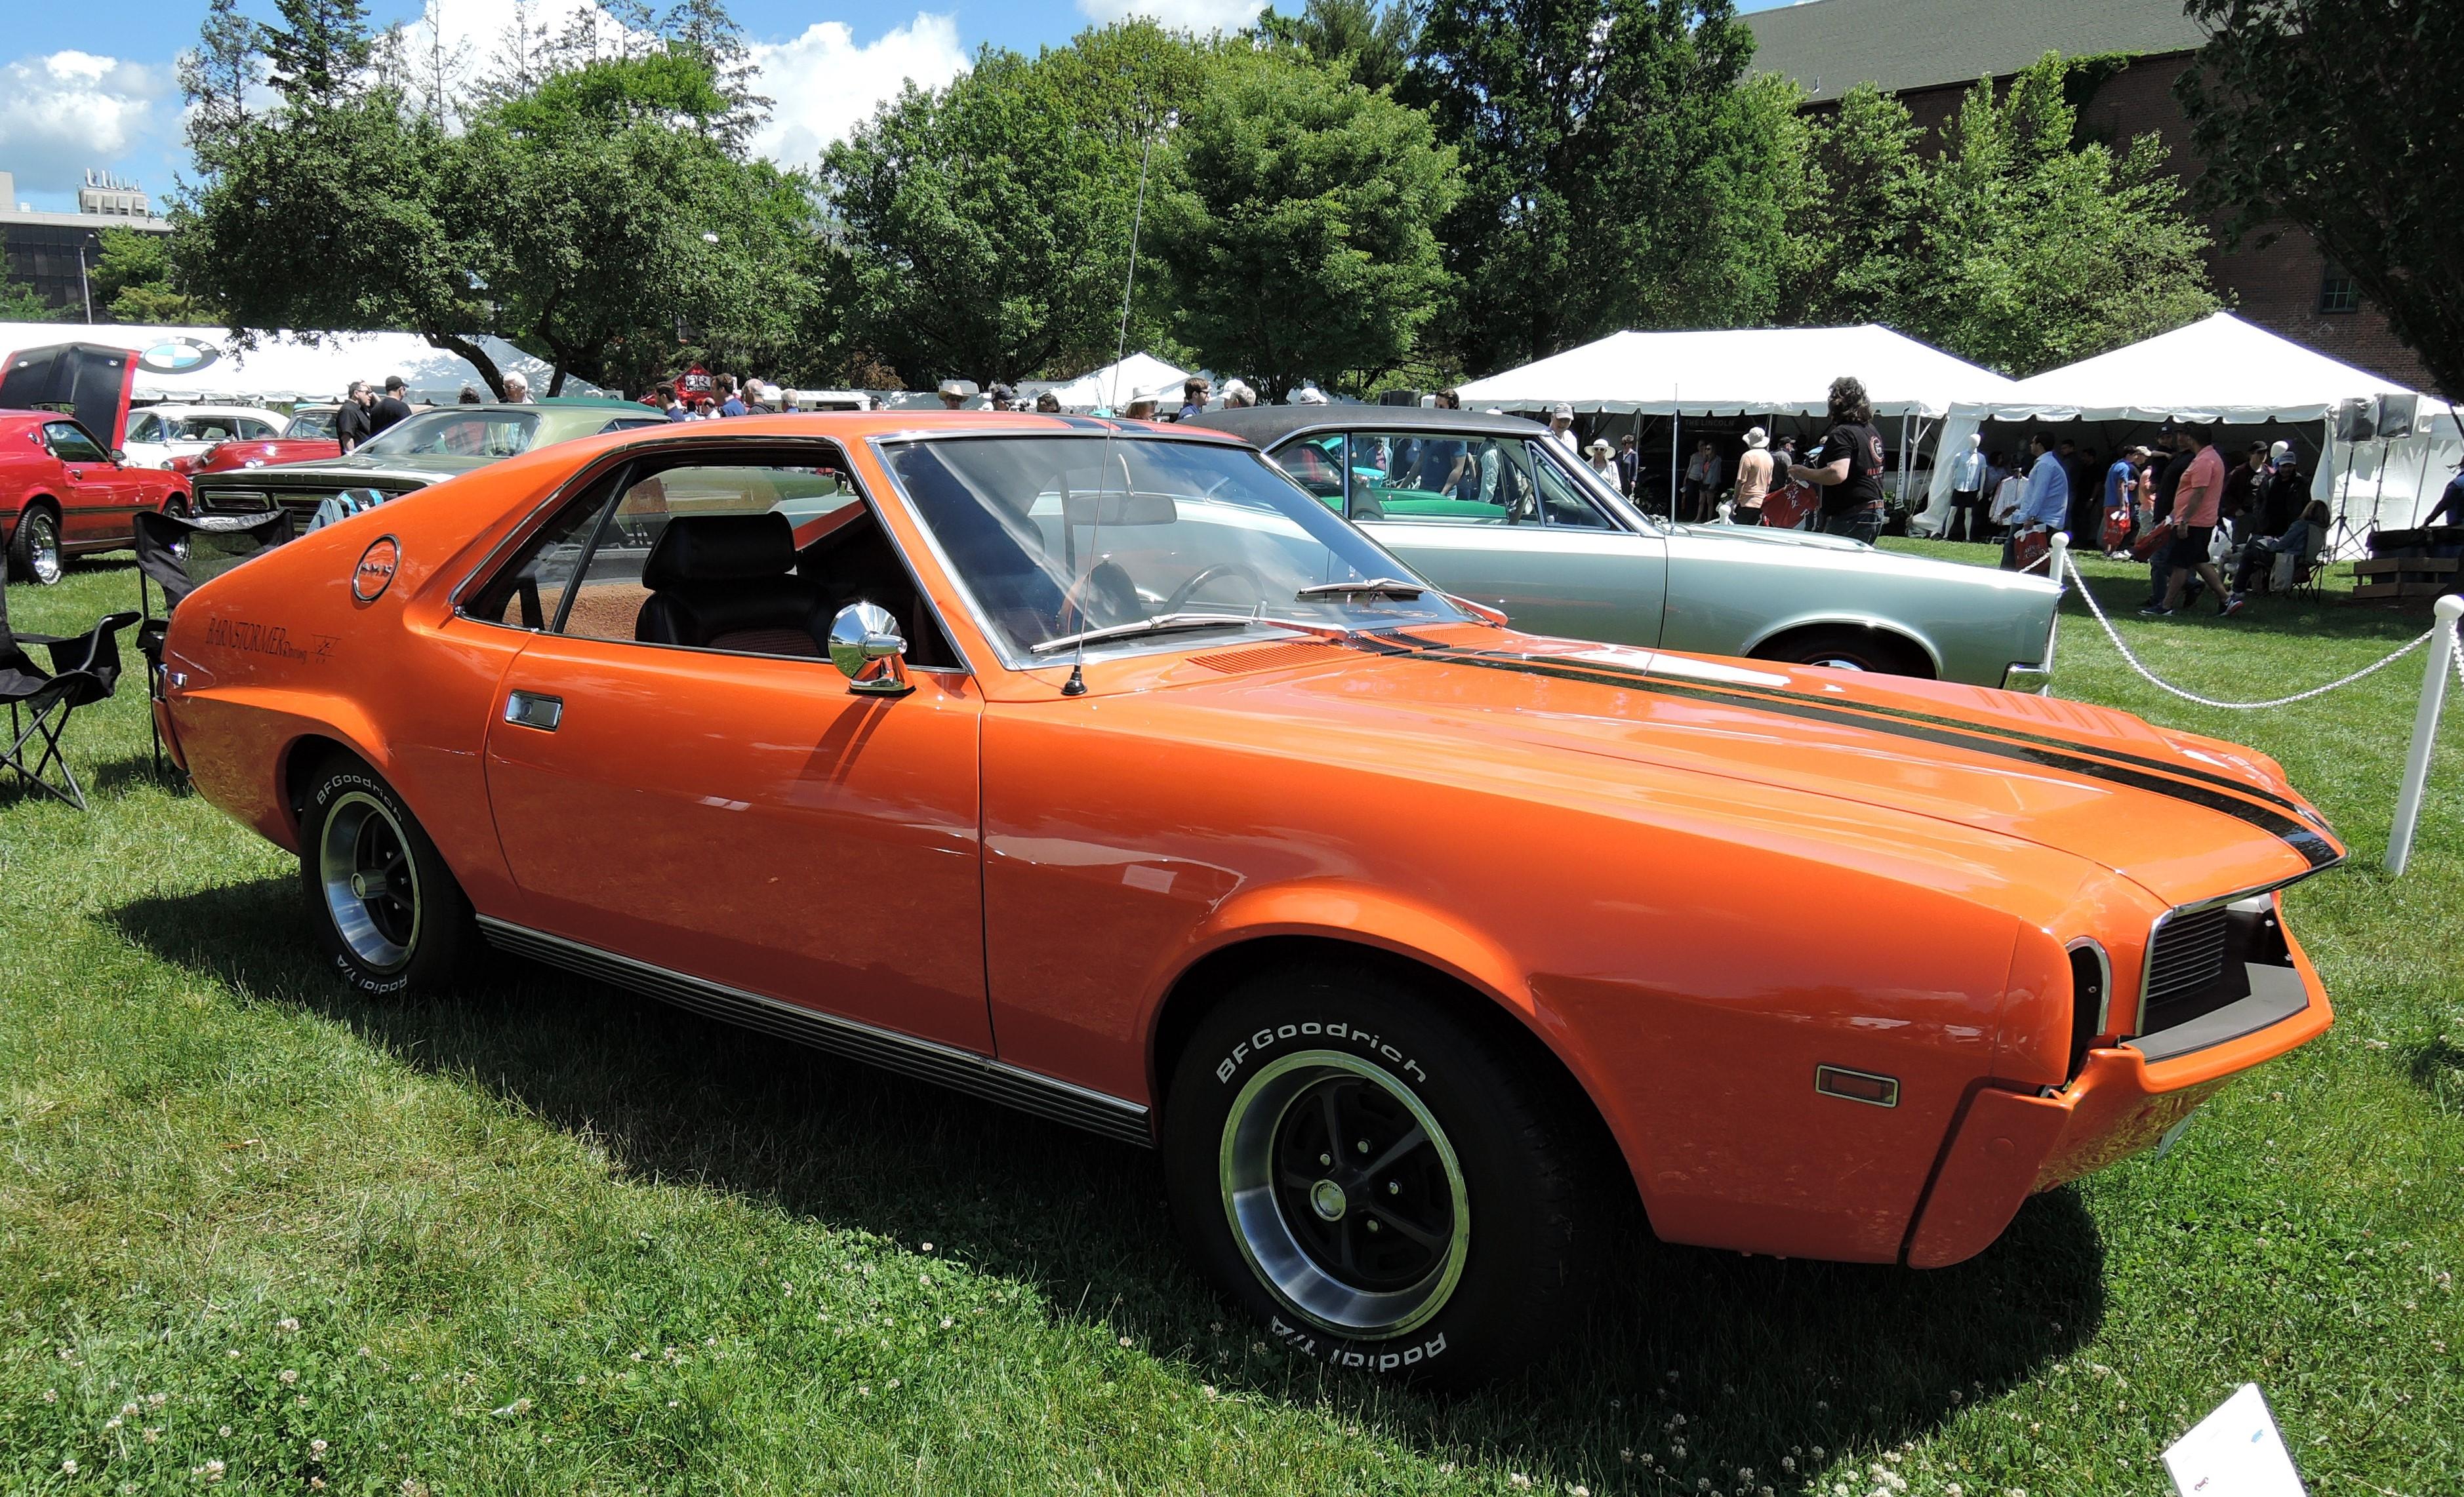 orange 1969 AMC AMX - Greenwich Concours d'Elegance 2017